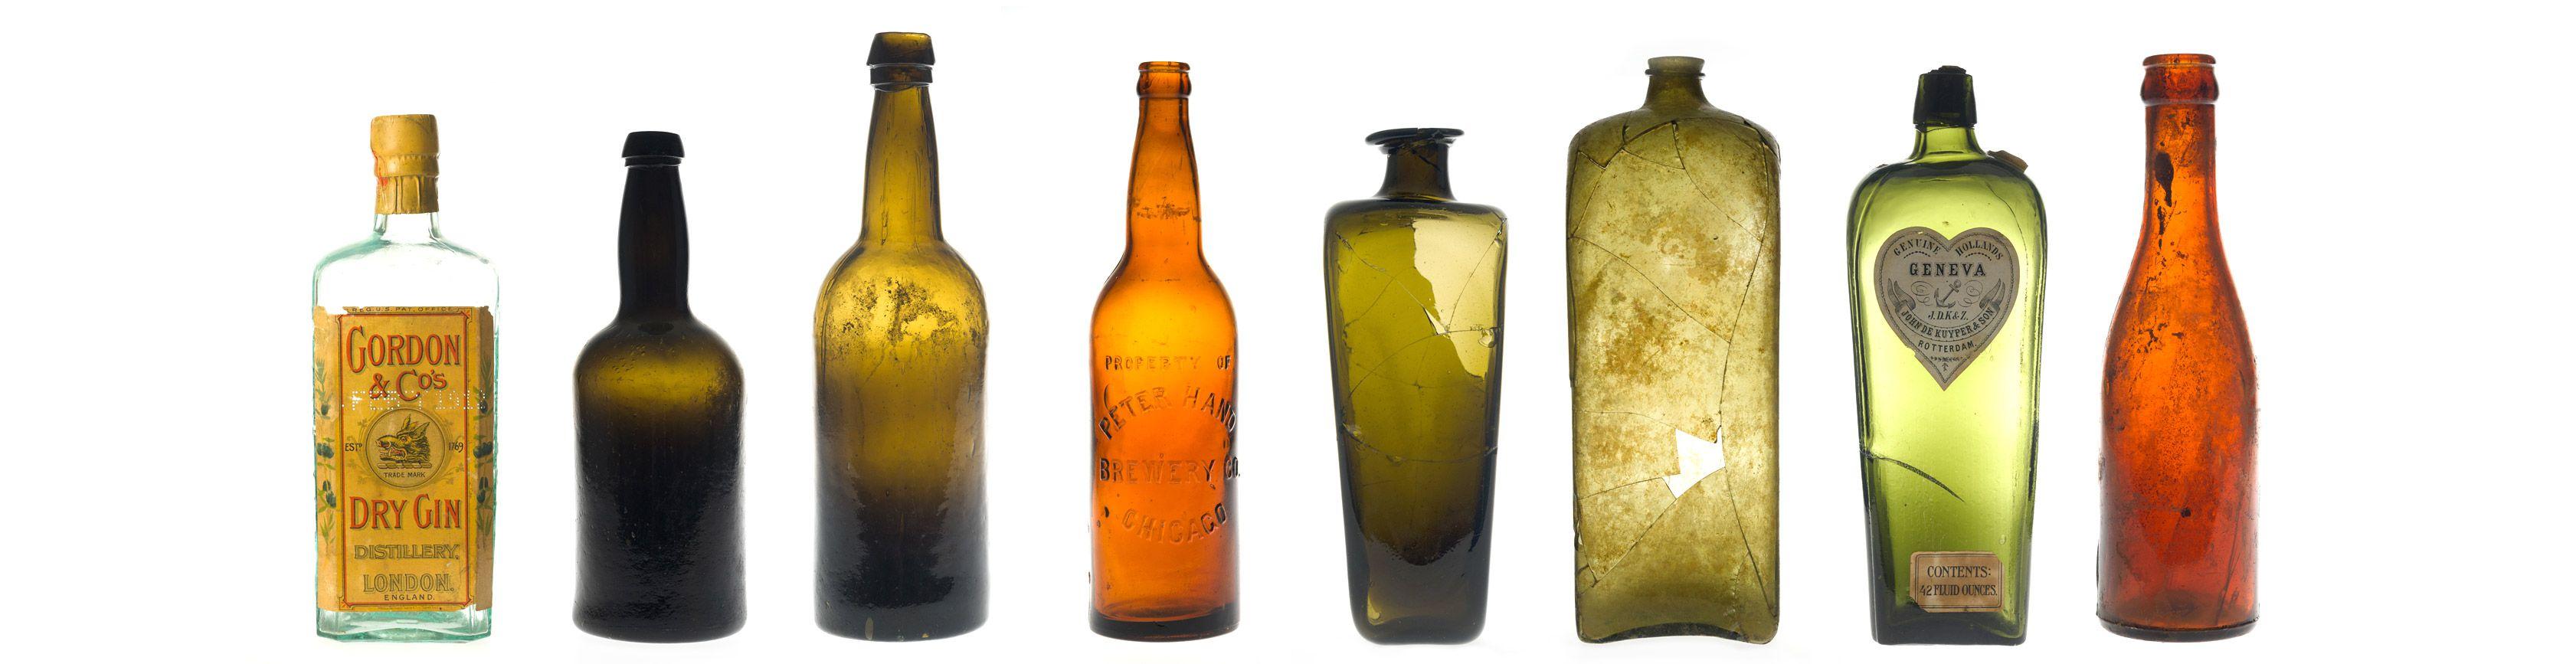 Bouteilles à bière et spiritueux